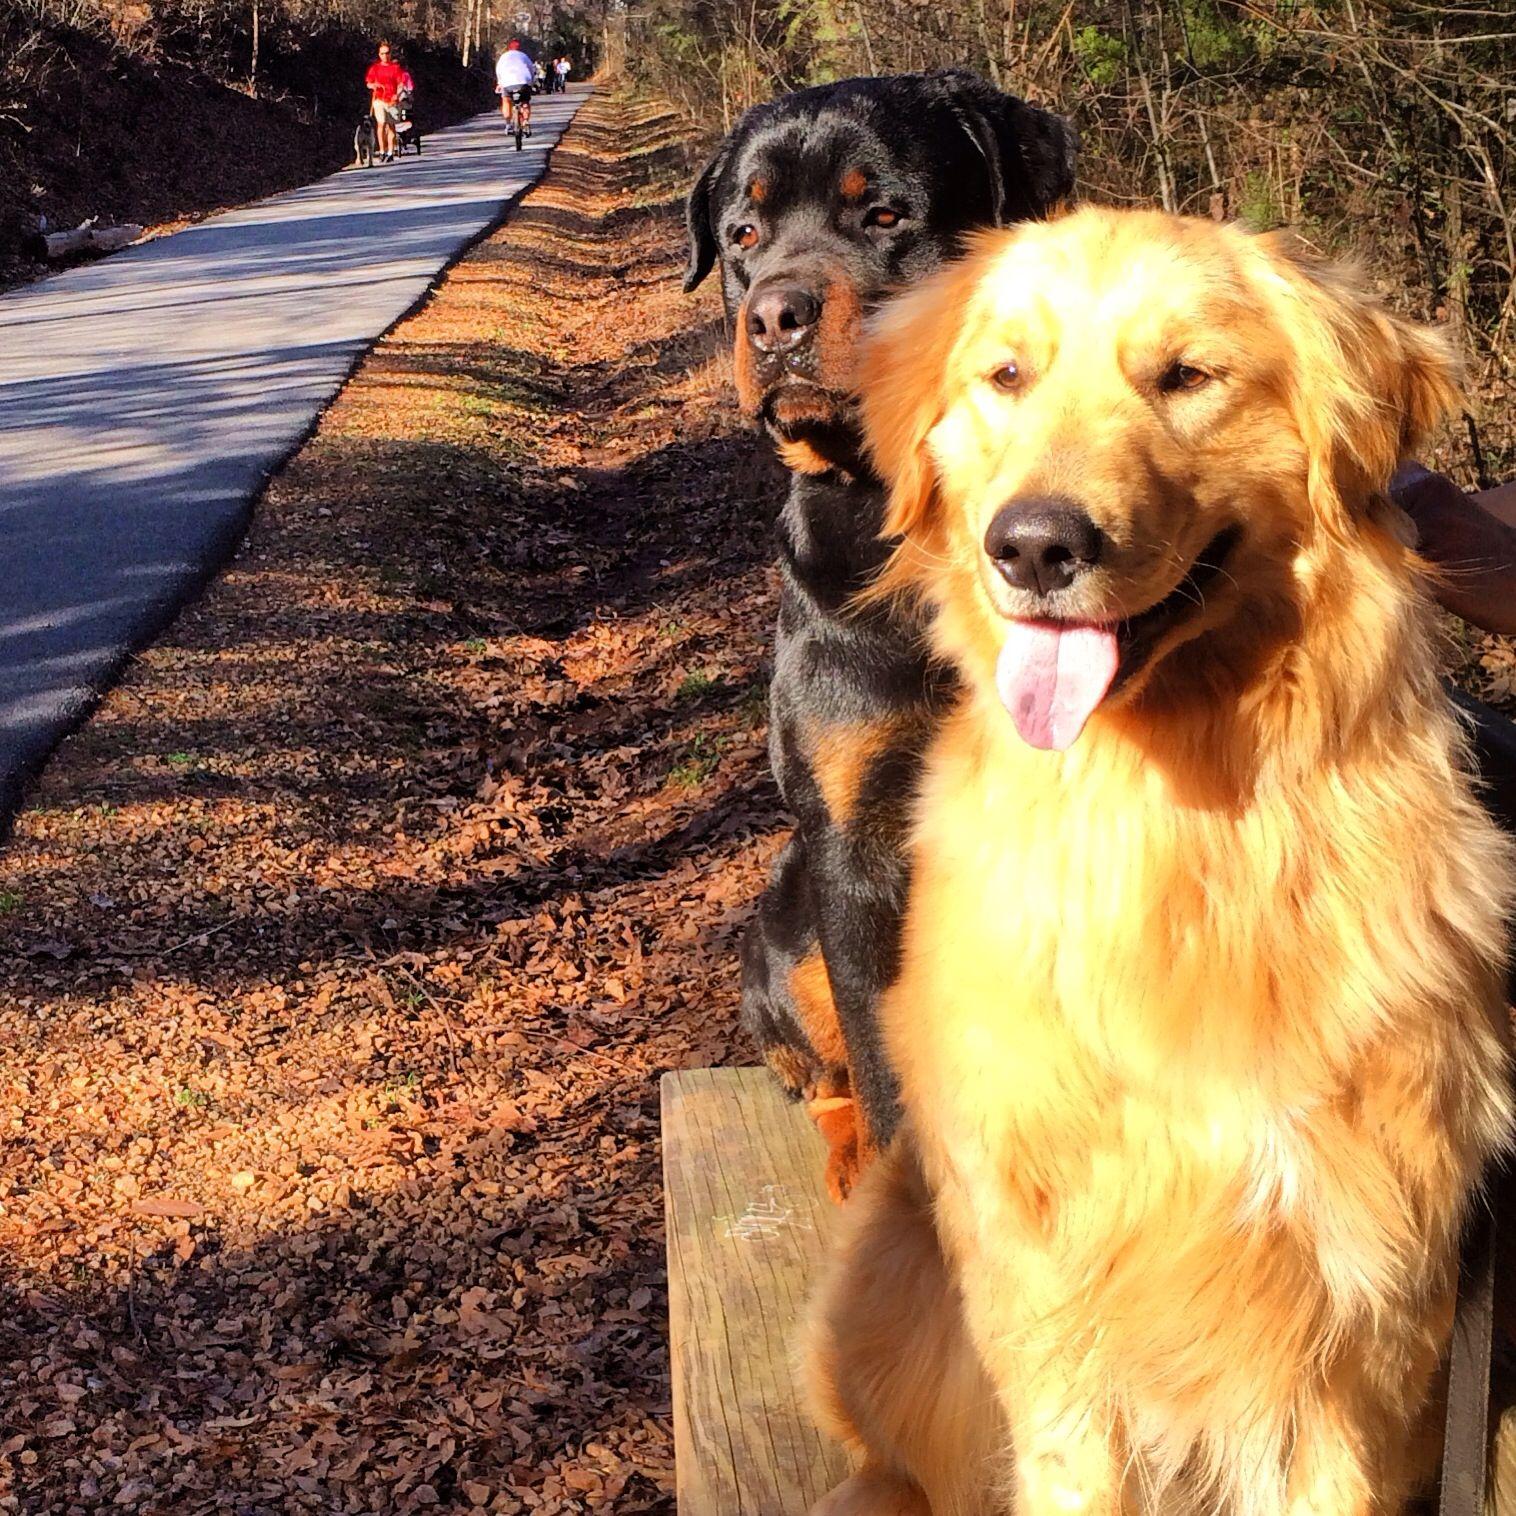 Golden Retriever And Rottweiler Golden Retriever Baby Dogs Rottweiler